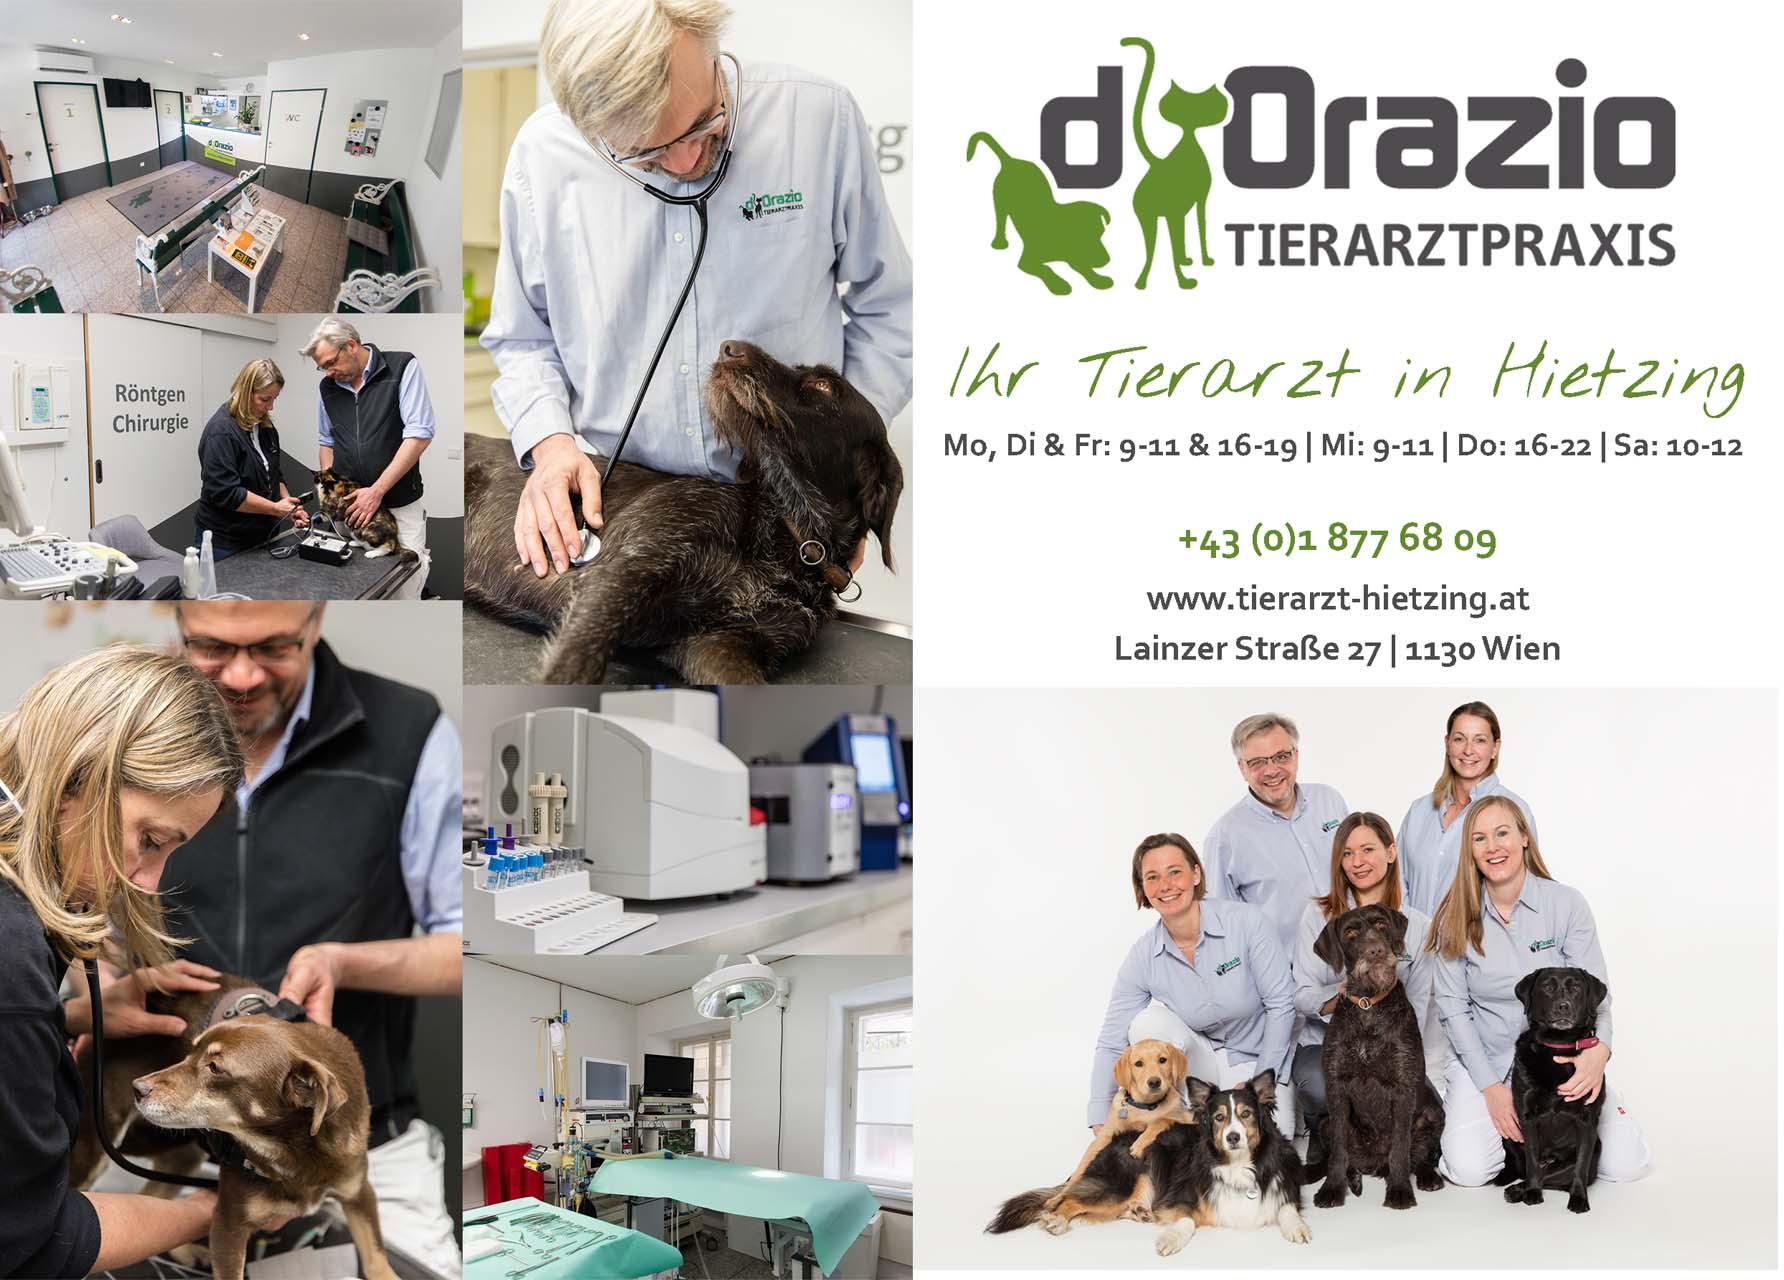 Tierarztpraxis d'Orazio - Mag. Paolo d'Orazio